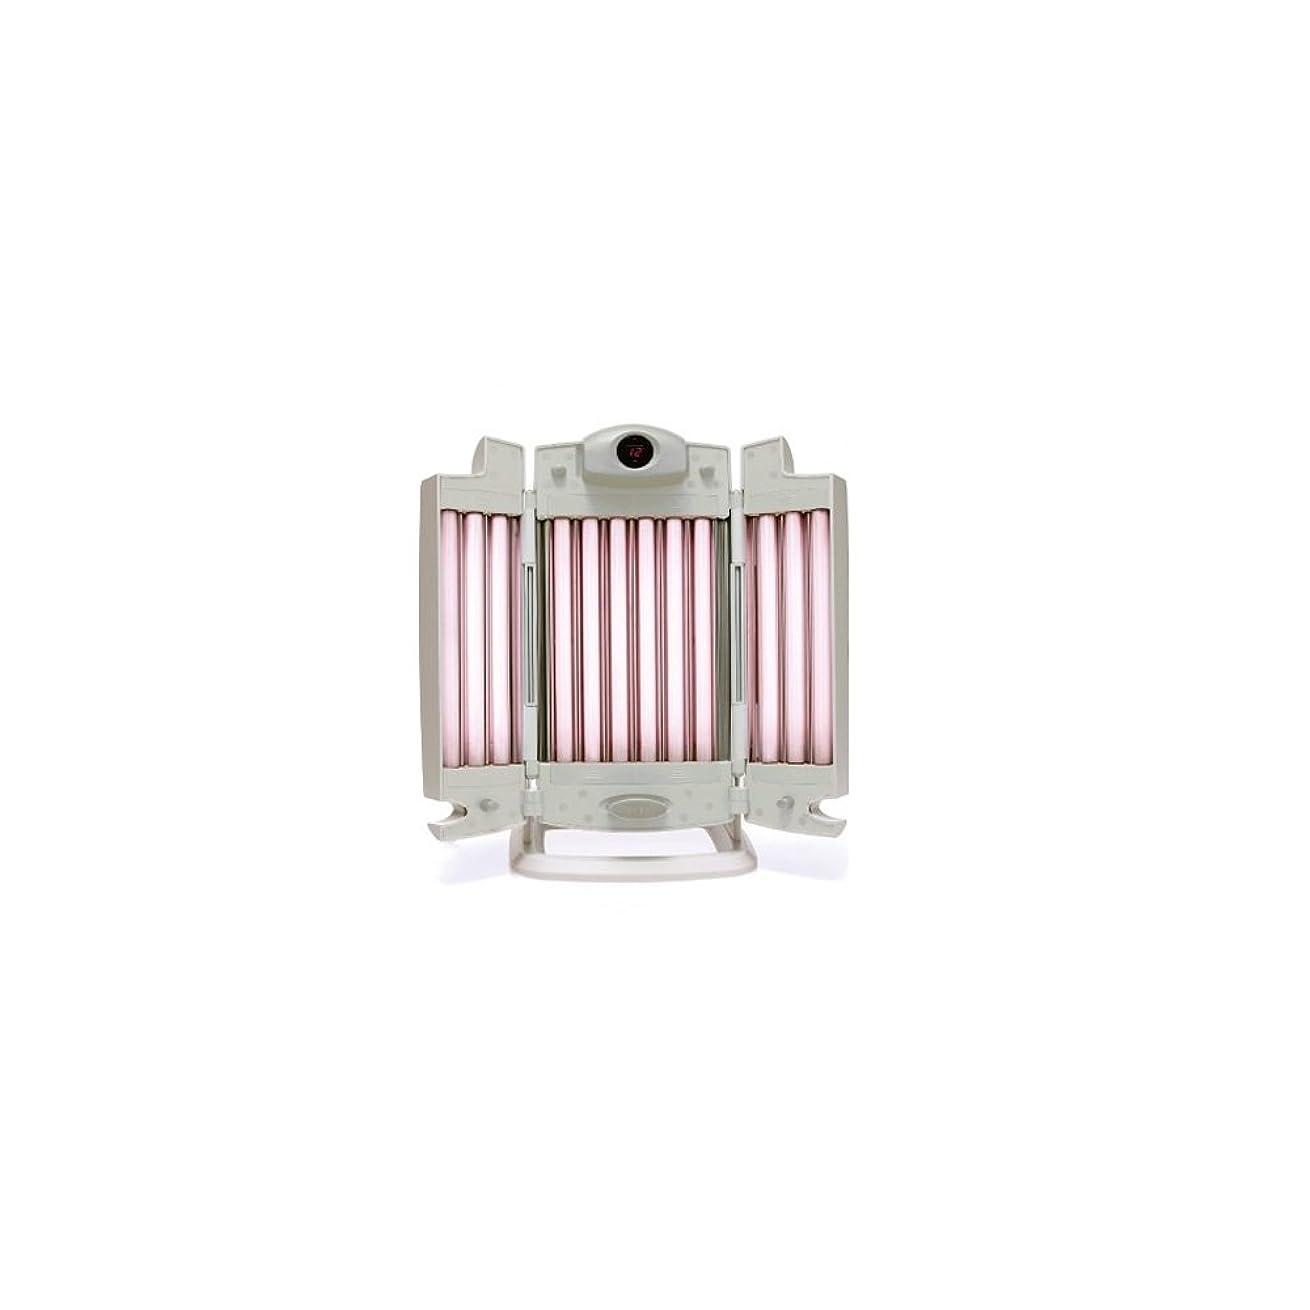 ふざけた繊細見捨てるBaby's Colla Beauty Light Type FACIAL(ベビーズコラ ビューティーライト フェイシャルタイプ)